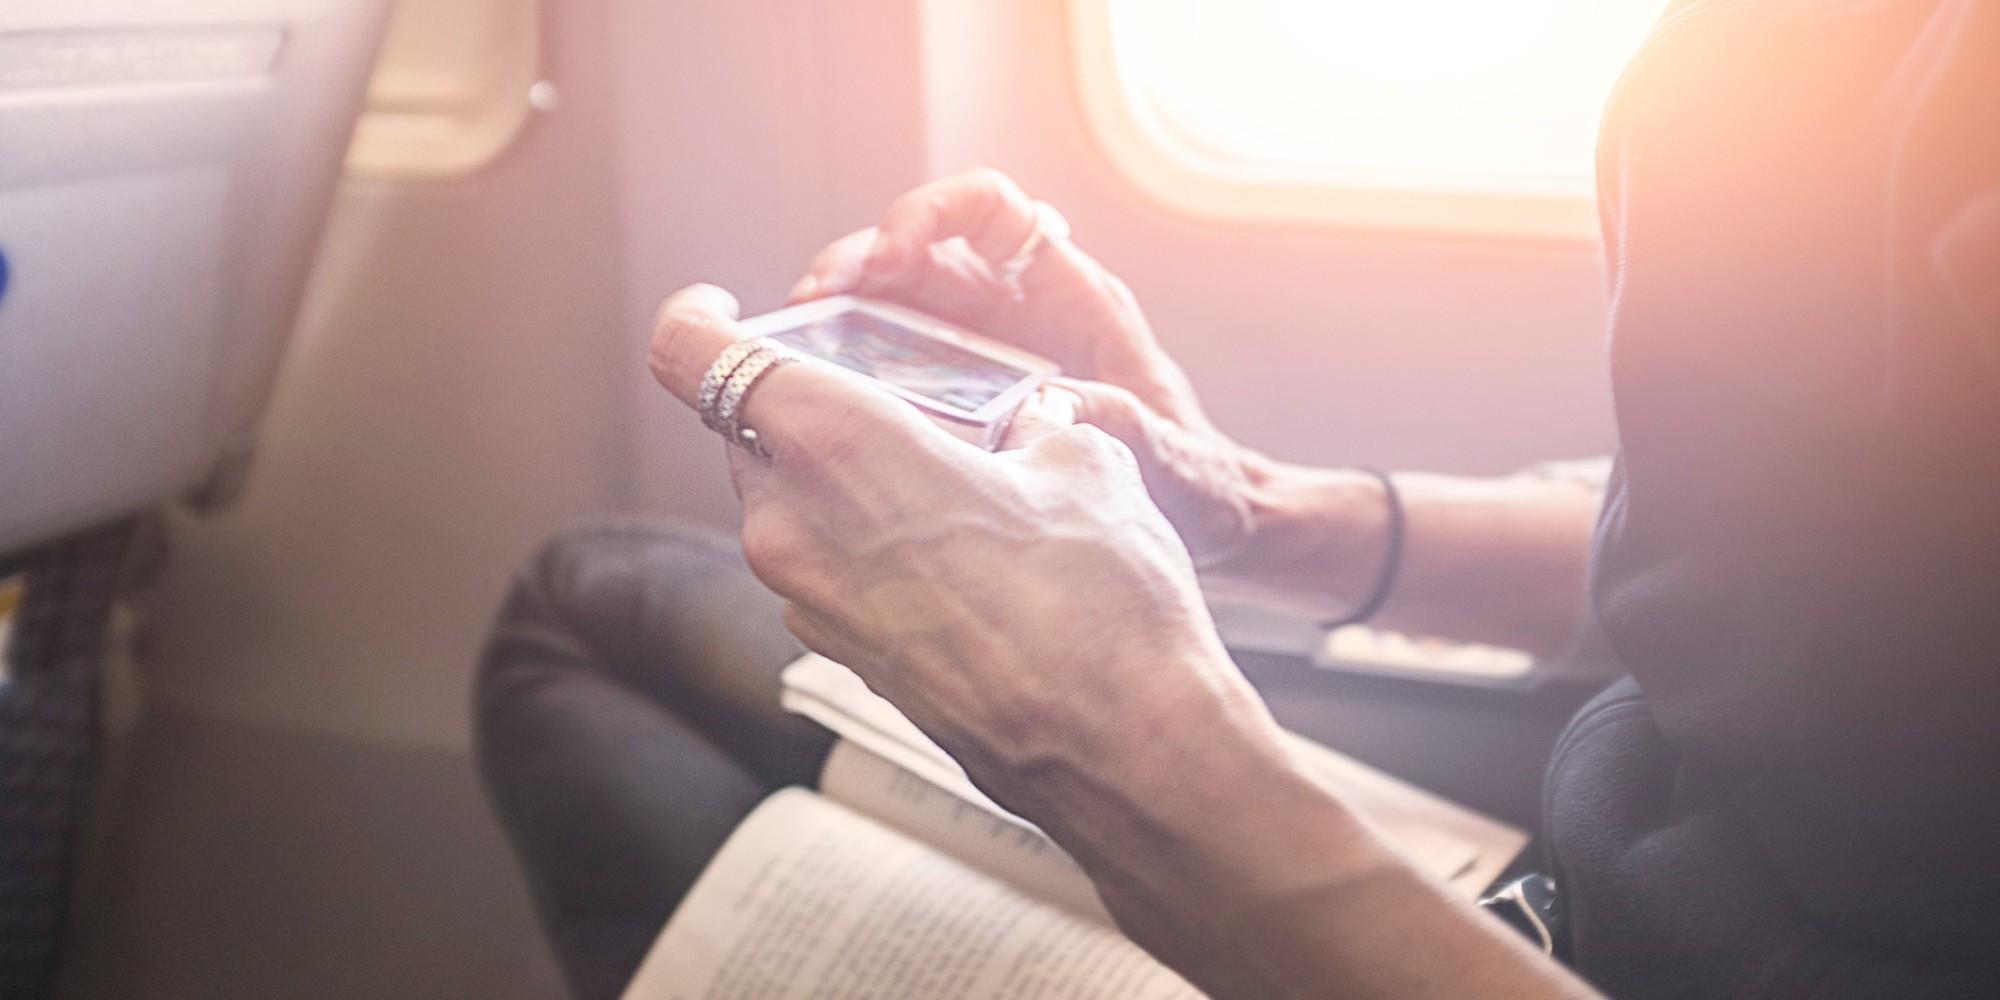 Aviones con wifi: qué tres compañías lo ofrecen gratis y cuánto cobran el resto